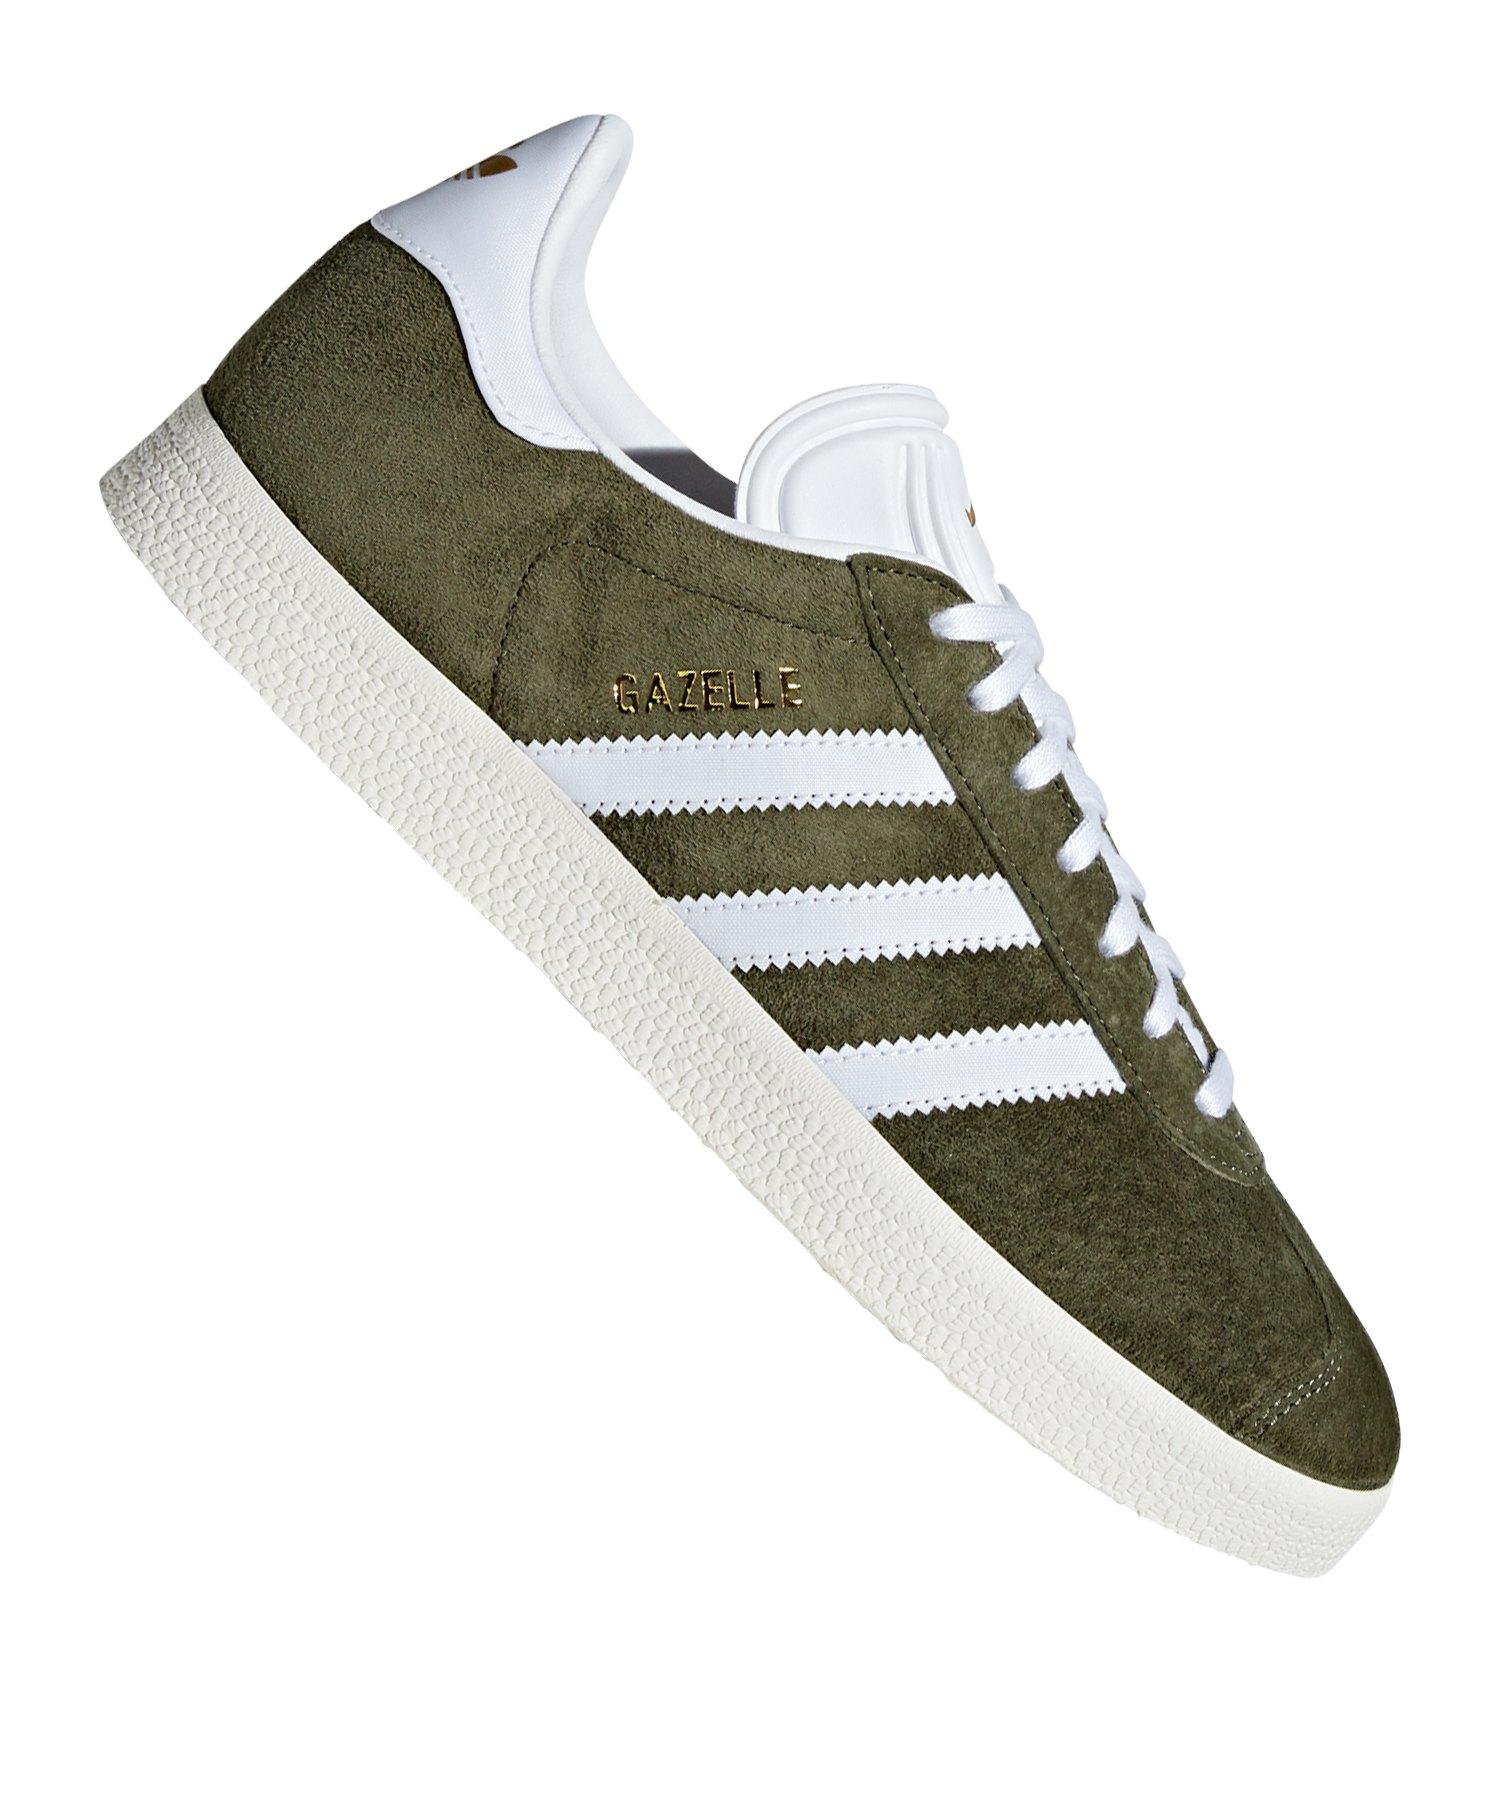 adidas Originals Gazelle Sneaker Damen Grün Weiss